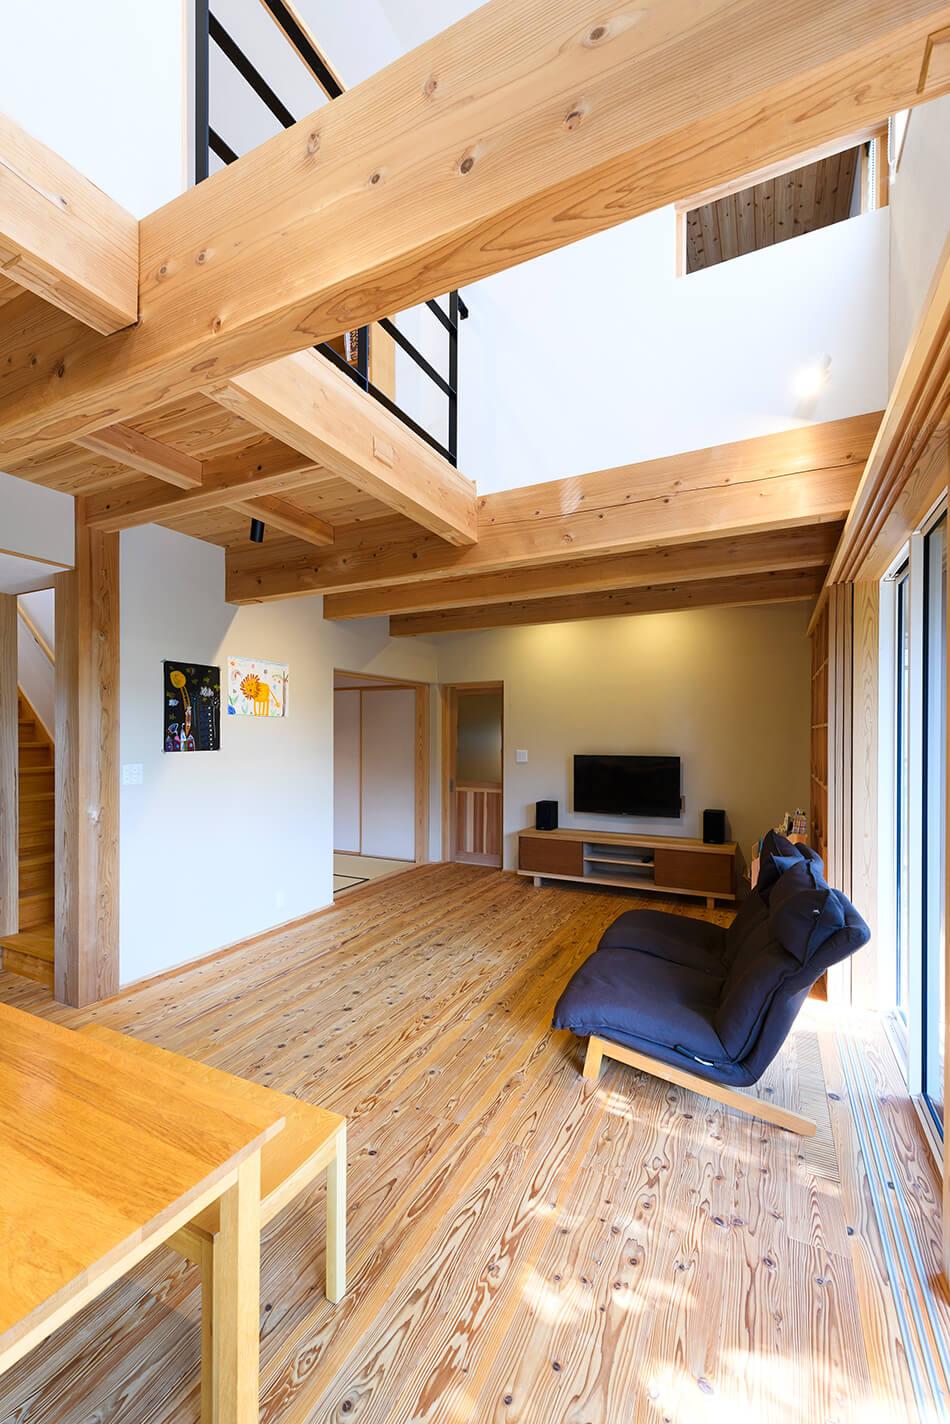 木の家|福岡の新築建築事例|2階建|4LDK|リビング|エコワークス|CASE-22|内観08